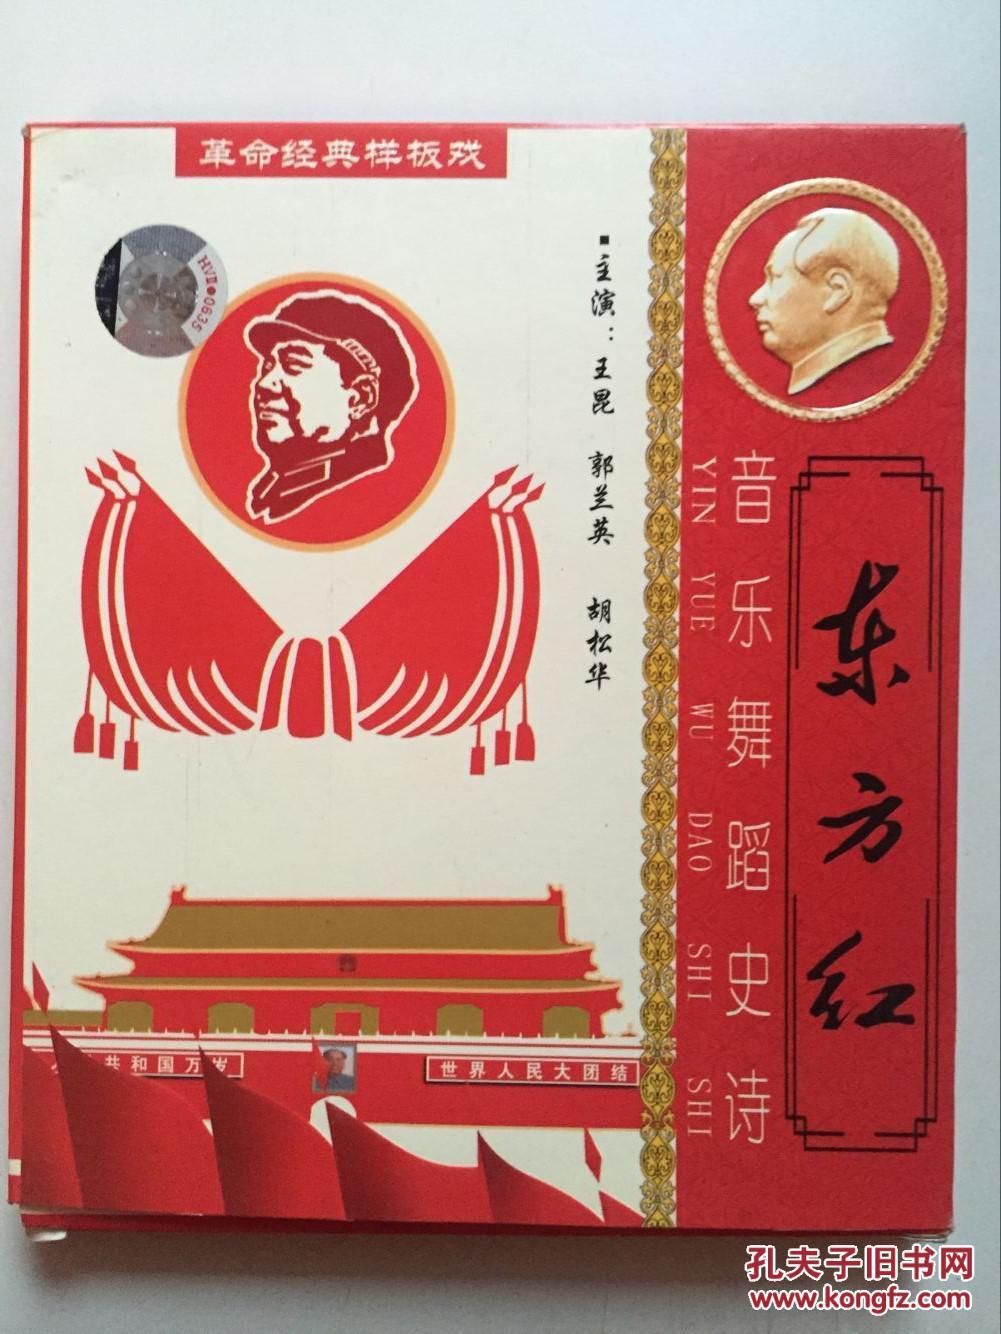 【图】音乐舞蹈视频:东方红(VCD)光碟视频光背史诗篮球图片